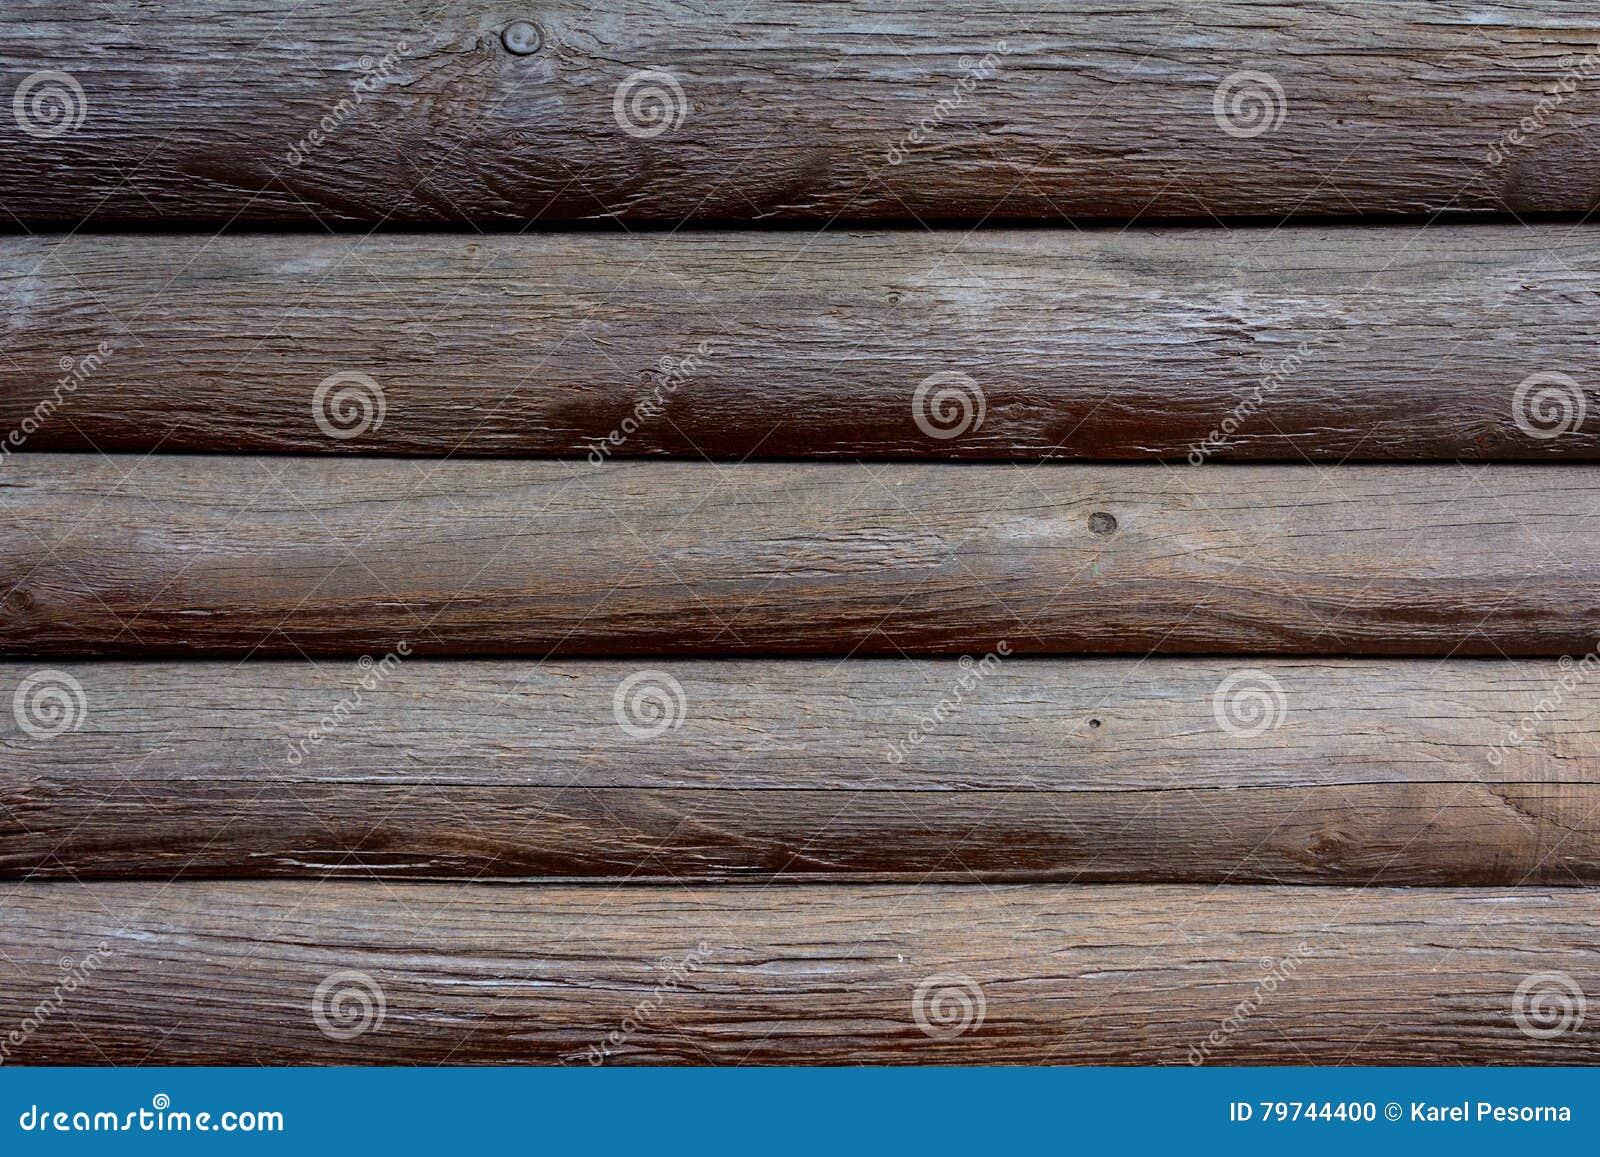 Textura del revestimiento de madera de madera del marrón oscuro